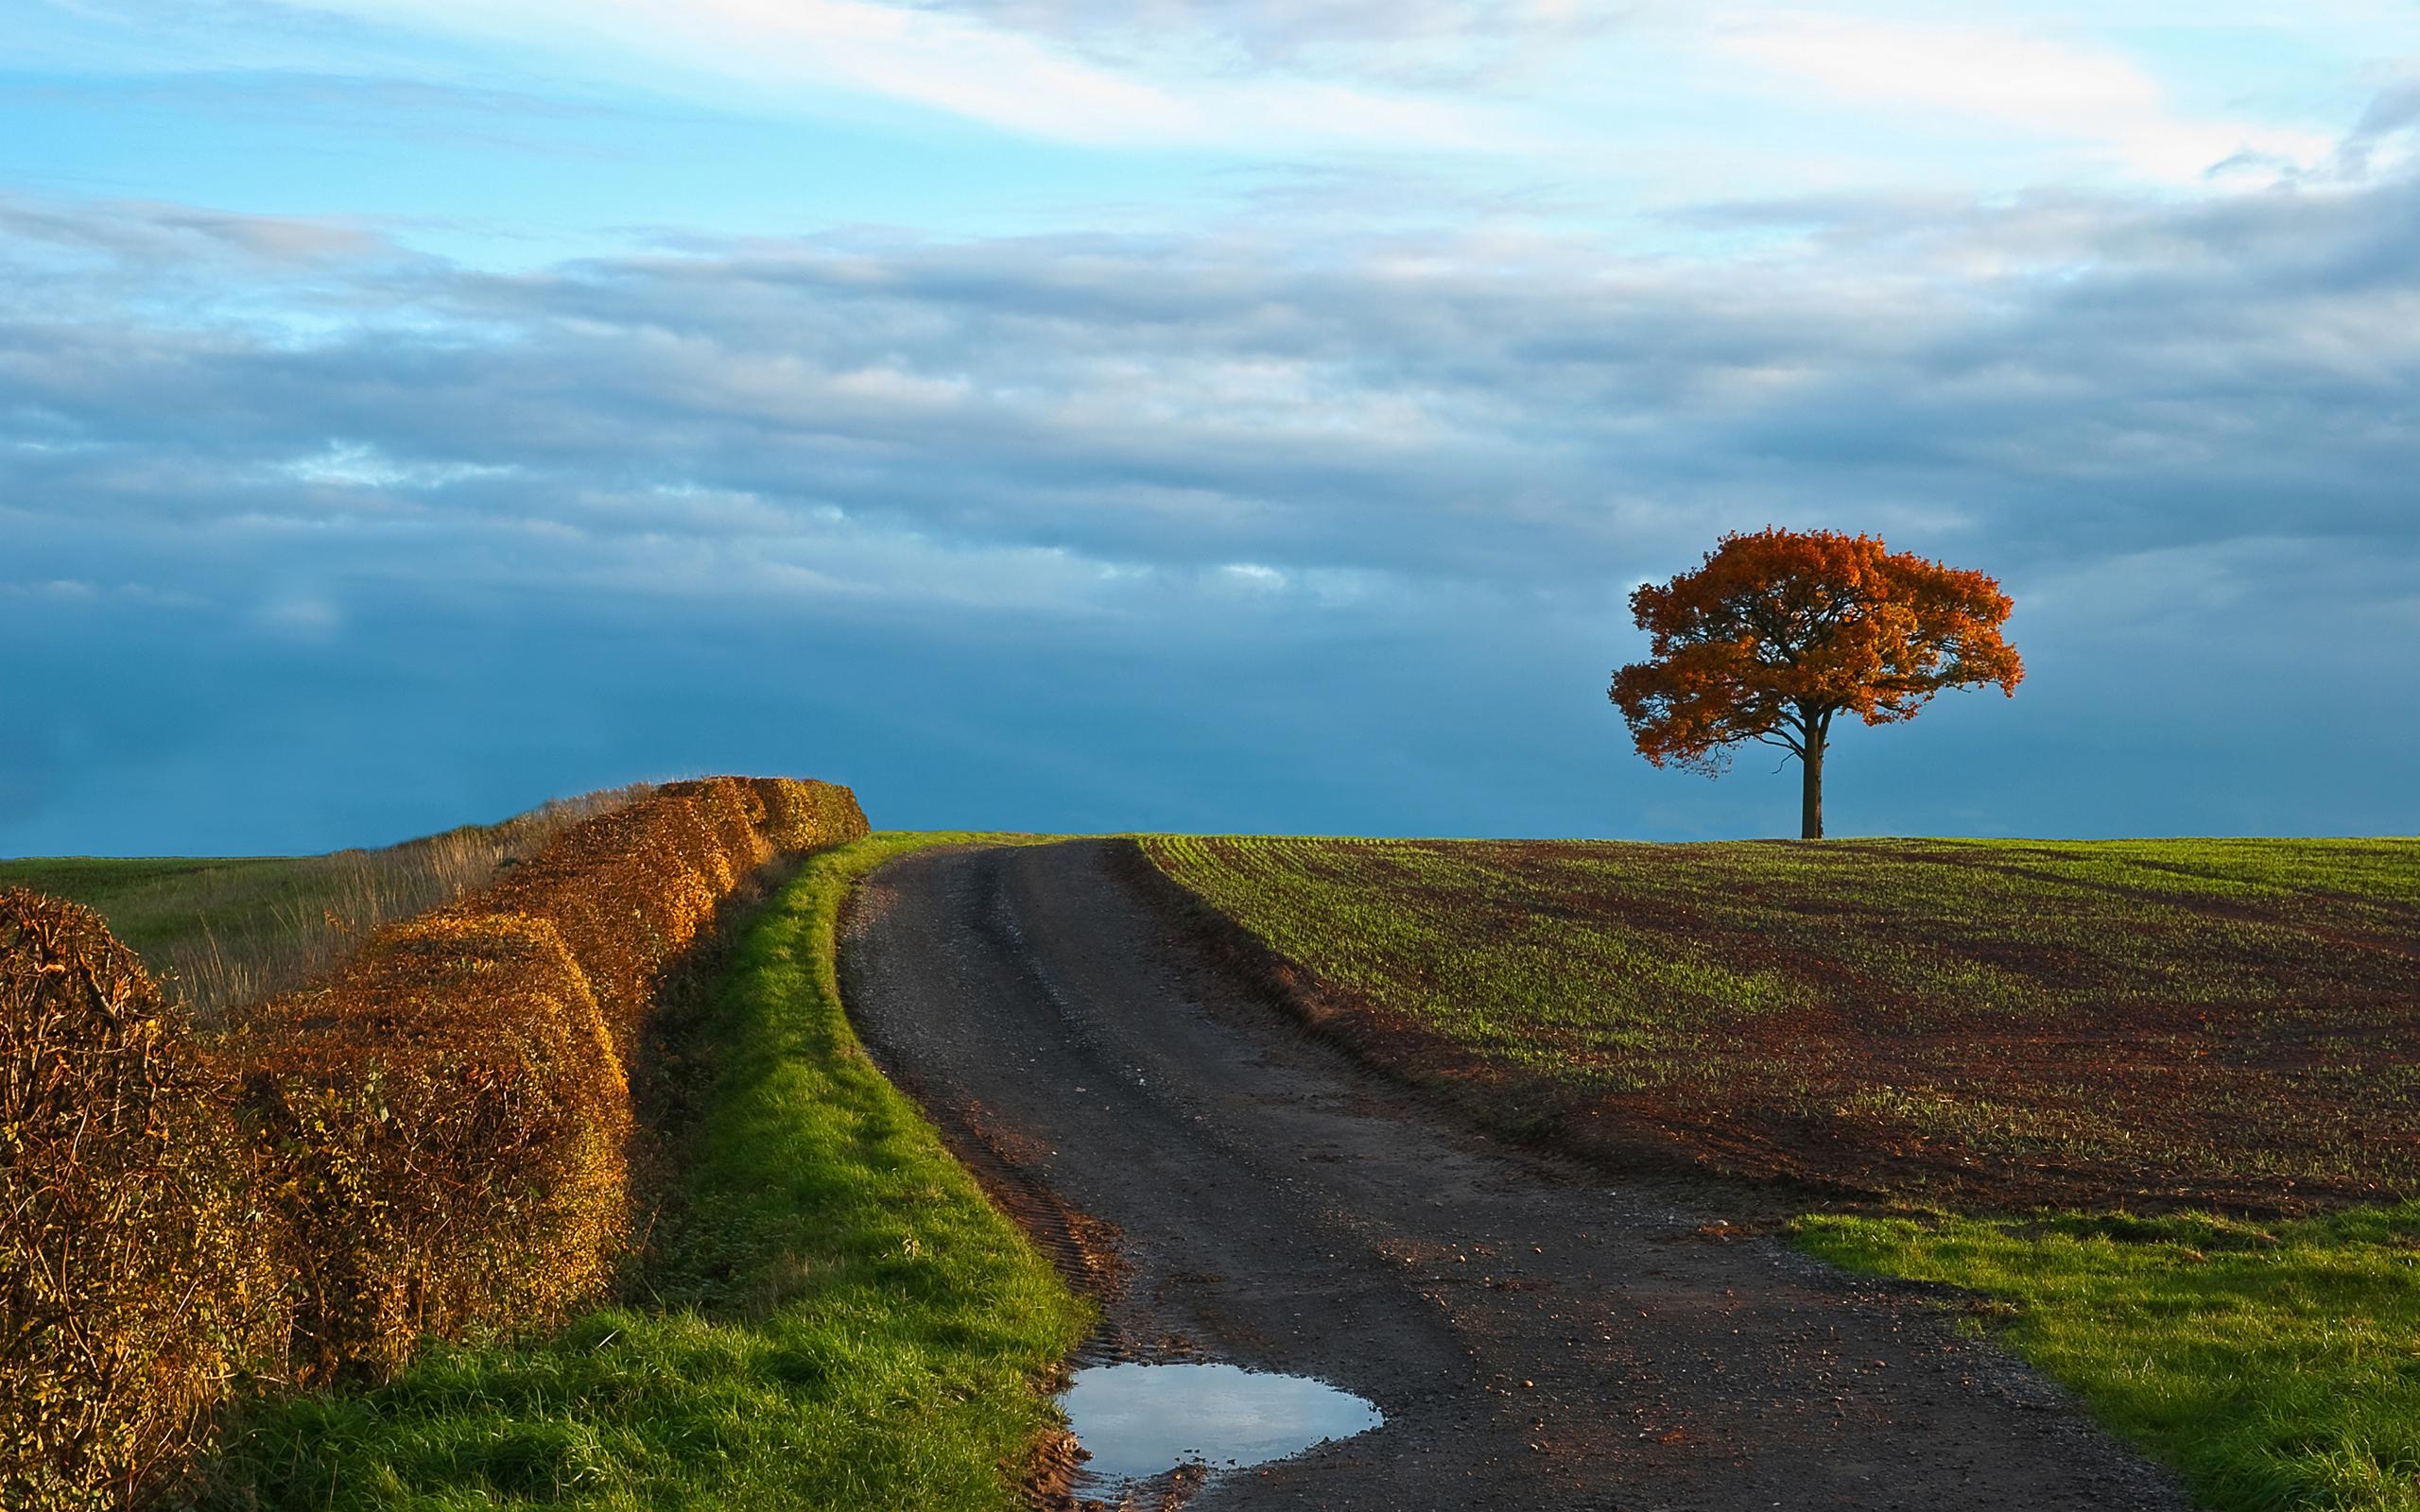 дерево дорога tree road  № 2404900 бесплатно